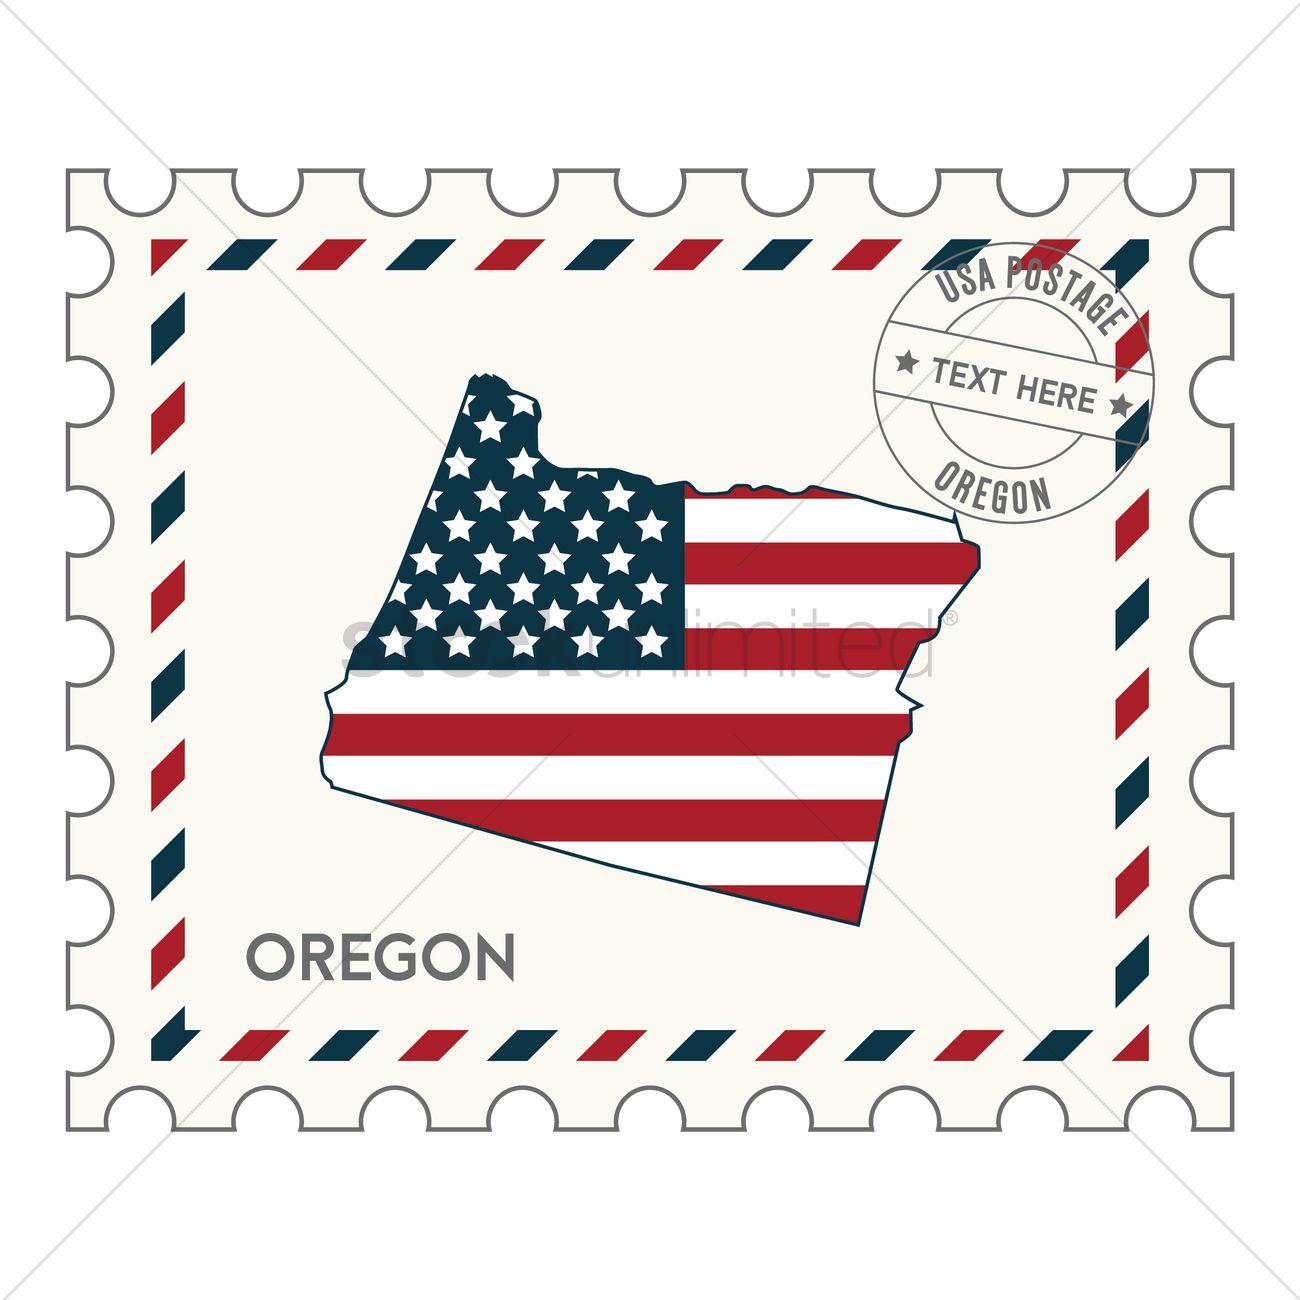 Fullsize Of Post Card Stamp